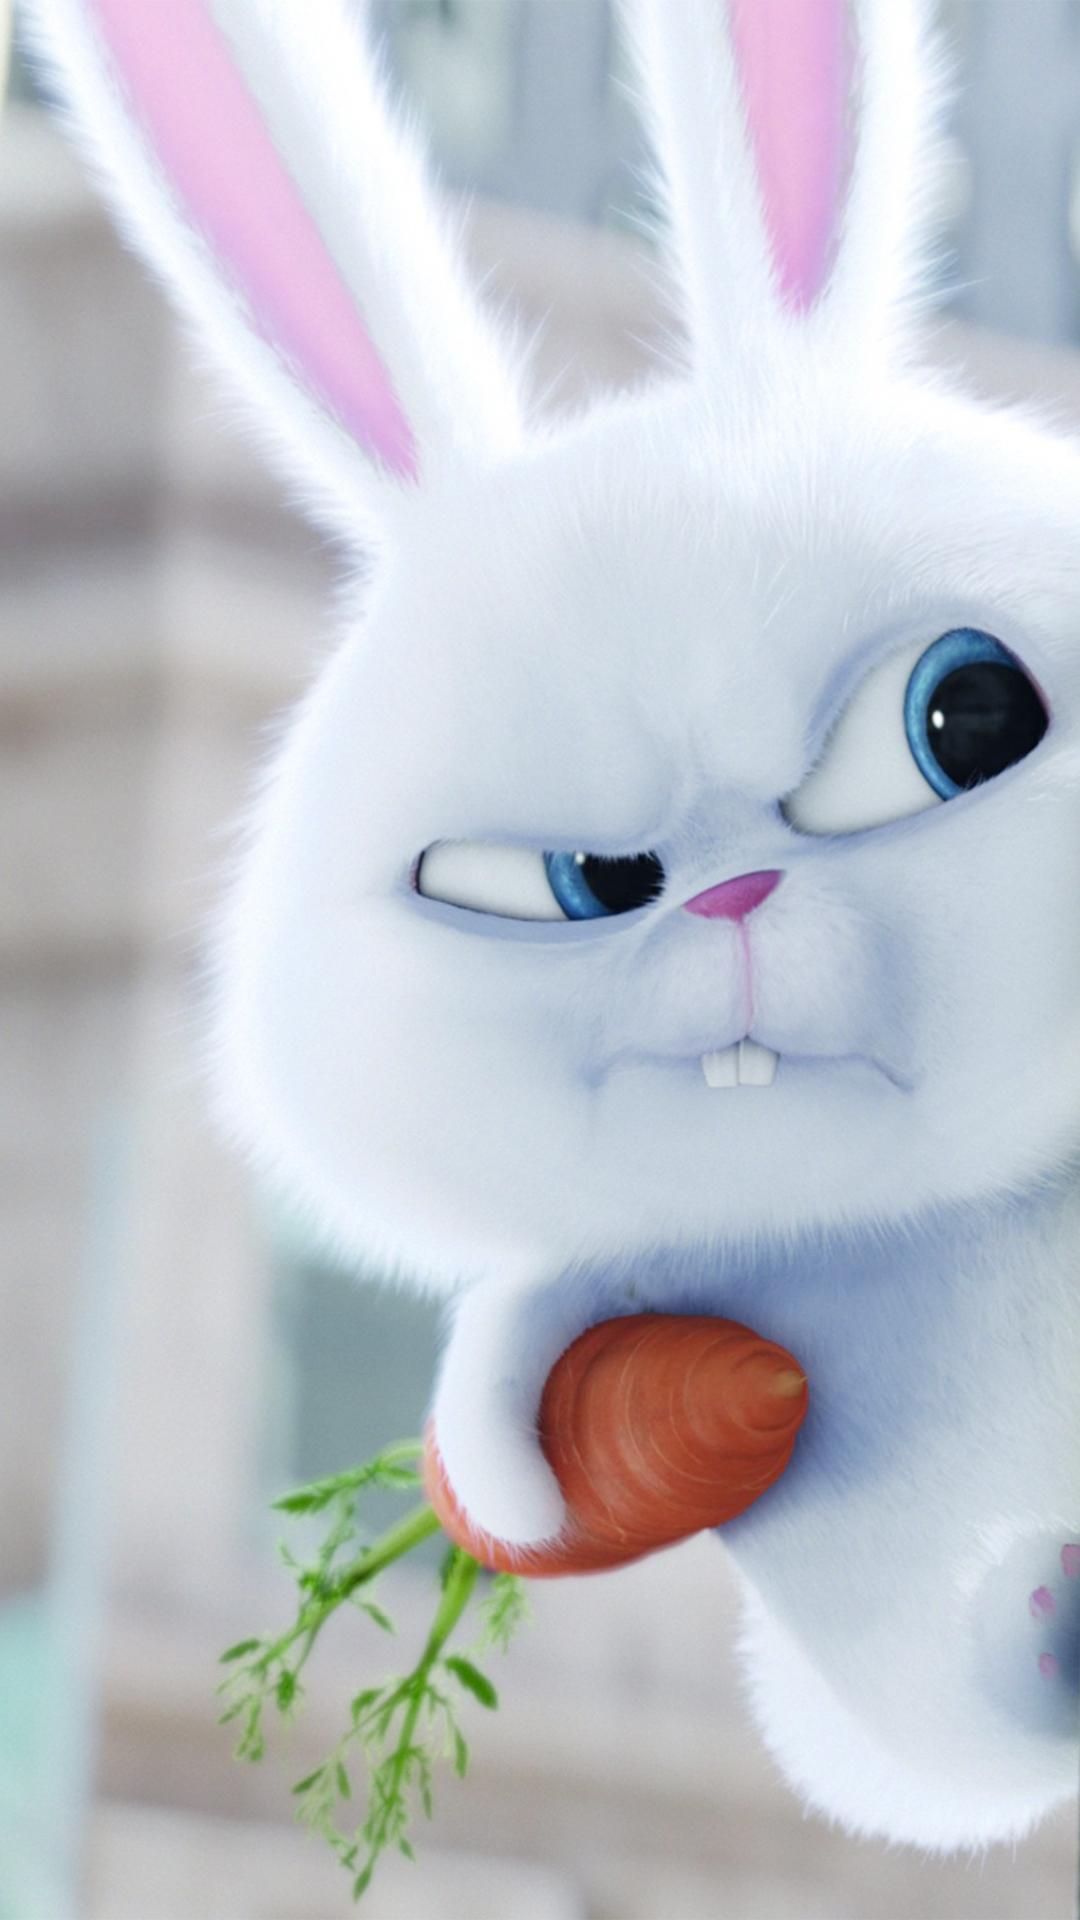 爱宠大机密 兔子 萝卜 苹果手机高清壁纸 1080x1920